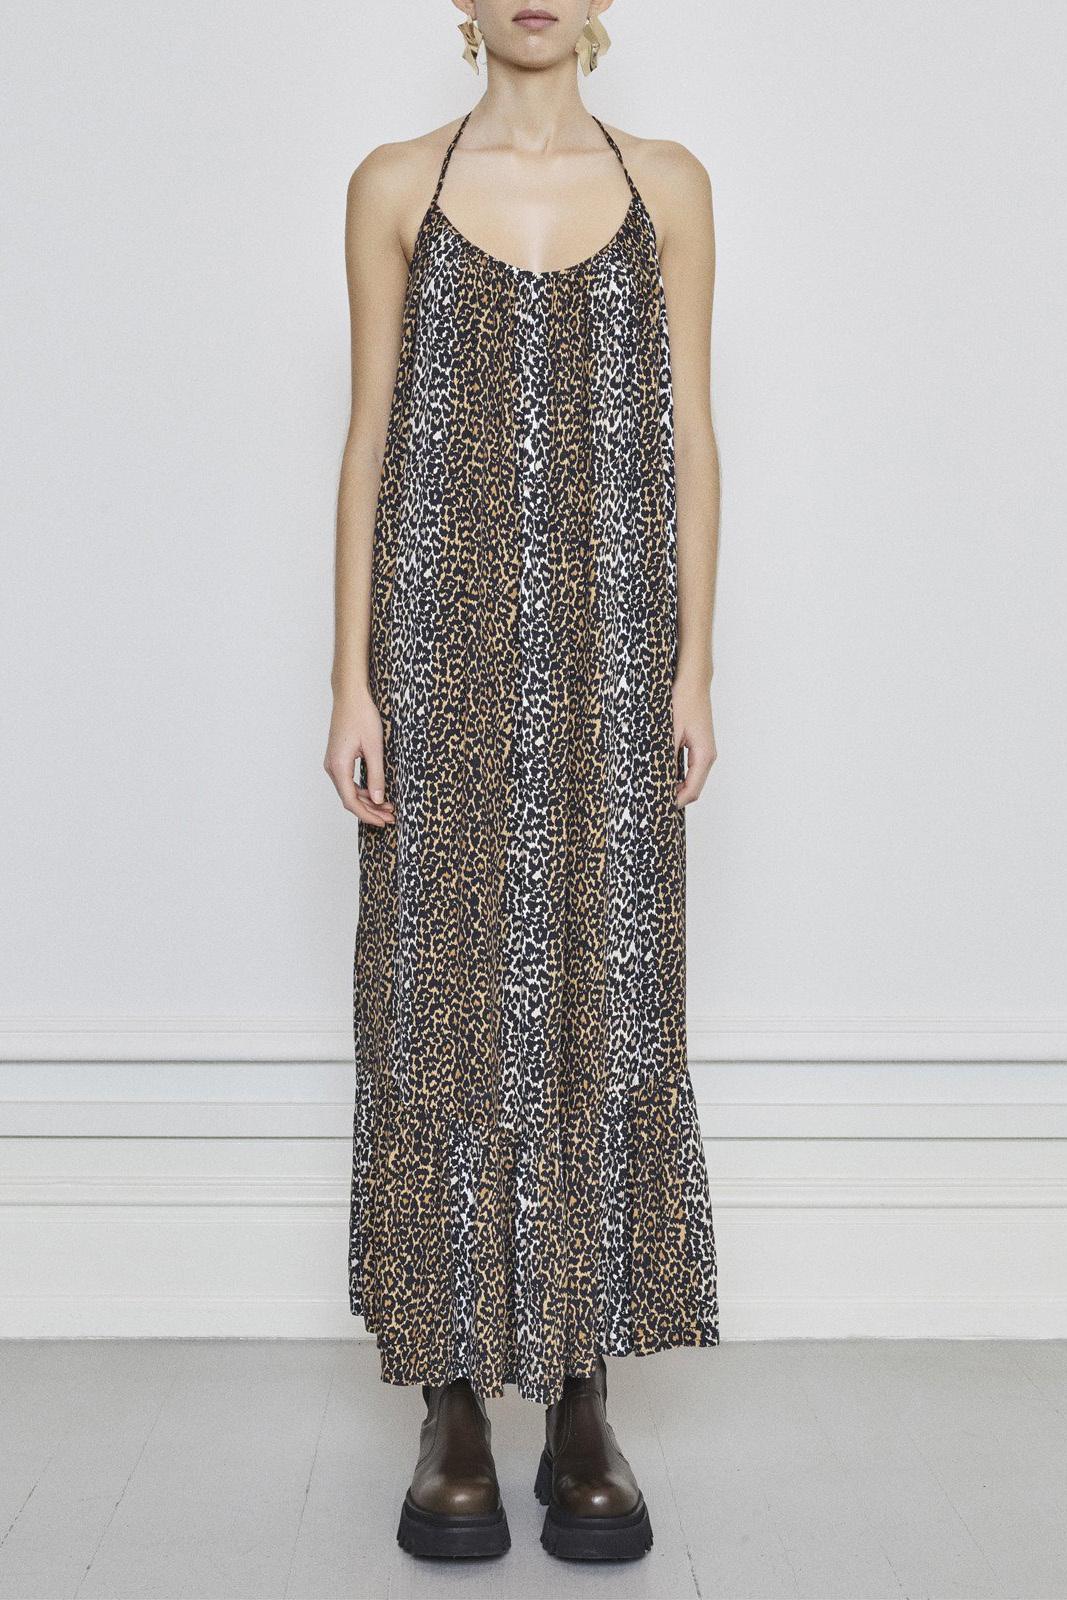 Taylor Leopard Halterneck Dress - Leopard-2